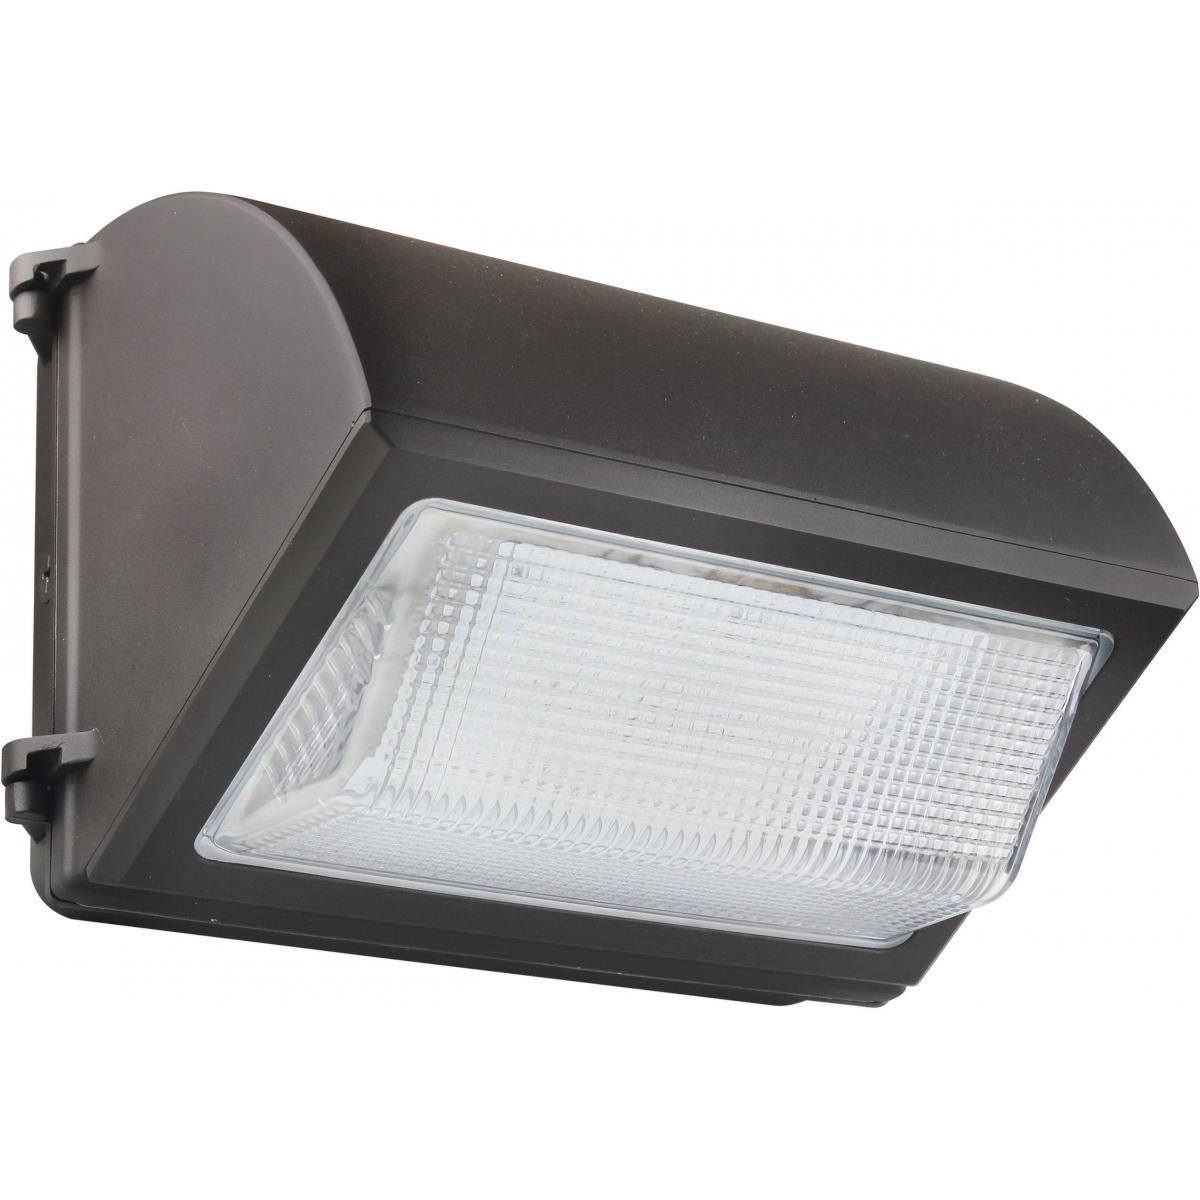 65-261 LED EM CUTOFF WALL PACK 55W/4K